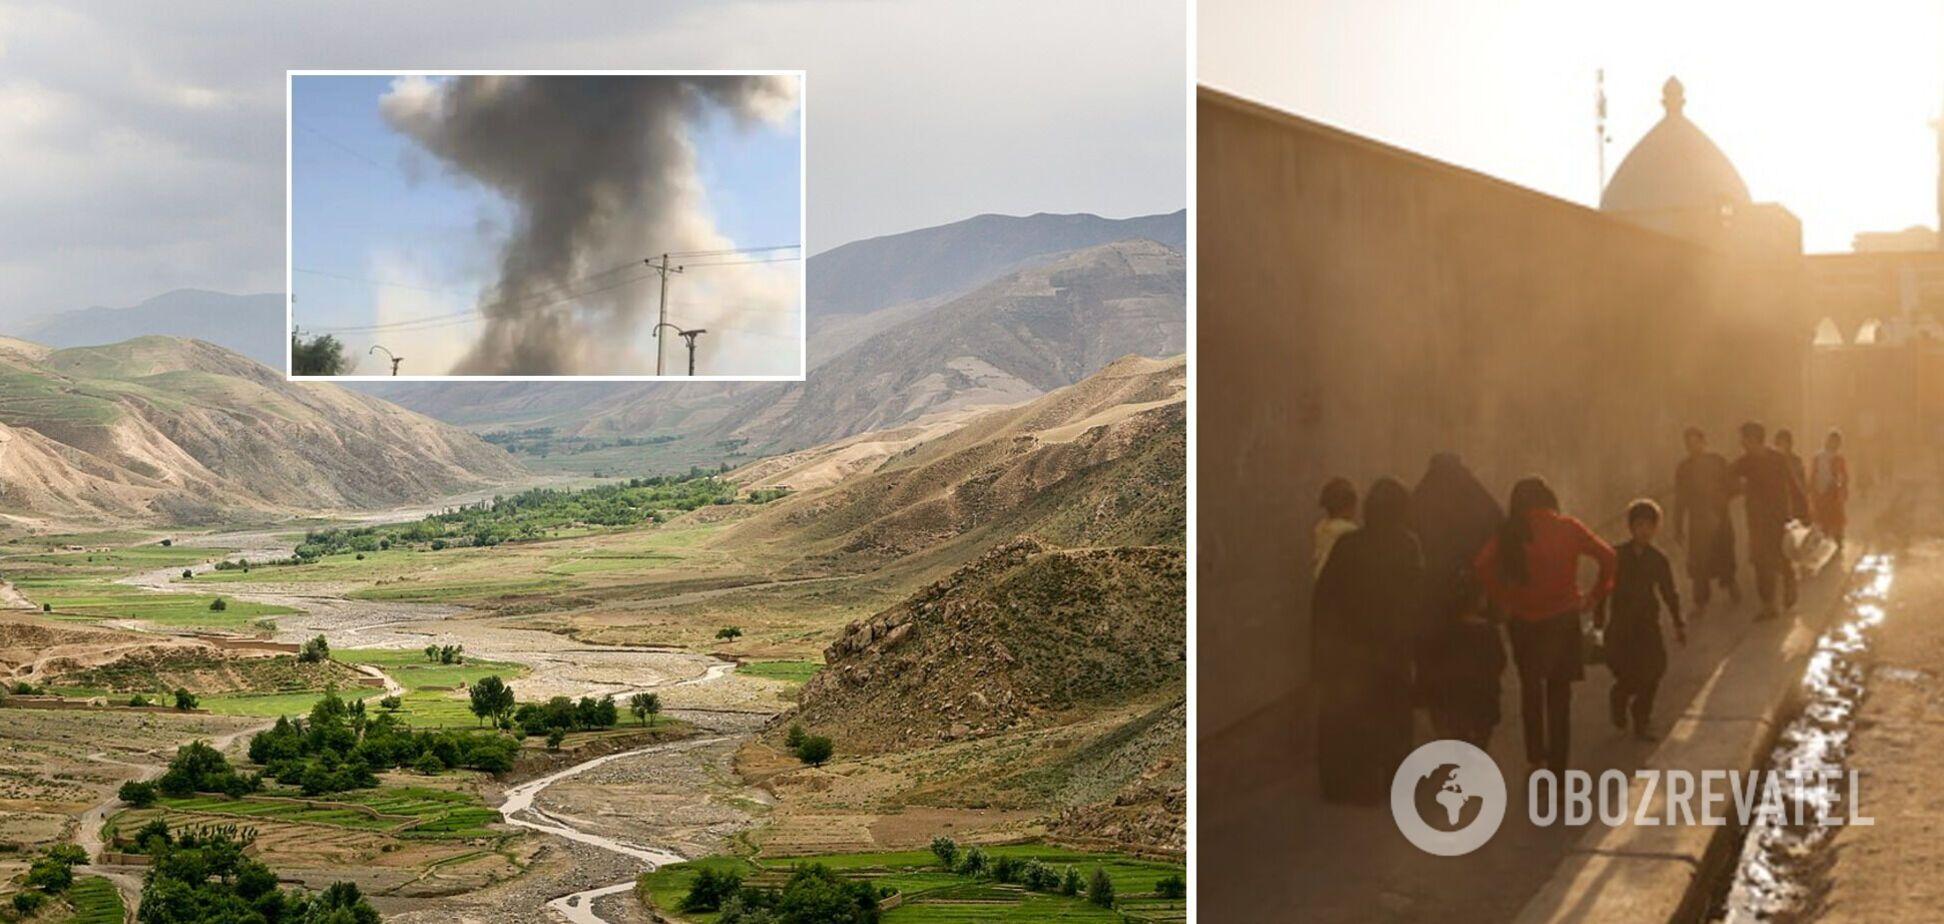 В Афганістані під час вибуху в мечеті загинули 46 осіб і 140 постраждали: відповідальність взяли на себе ІДІЛ. Фото 18+